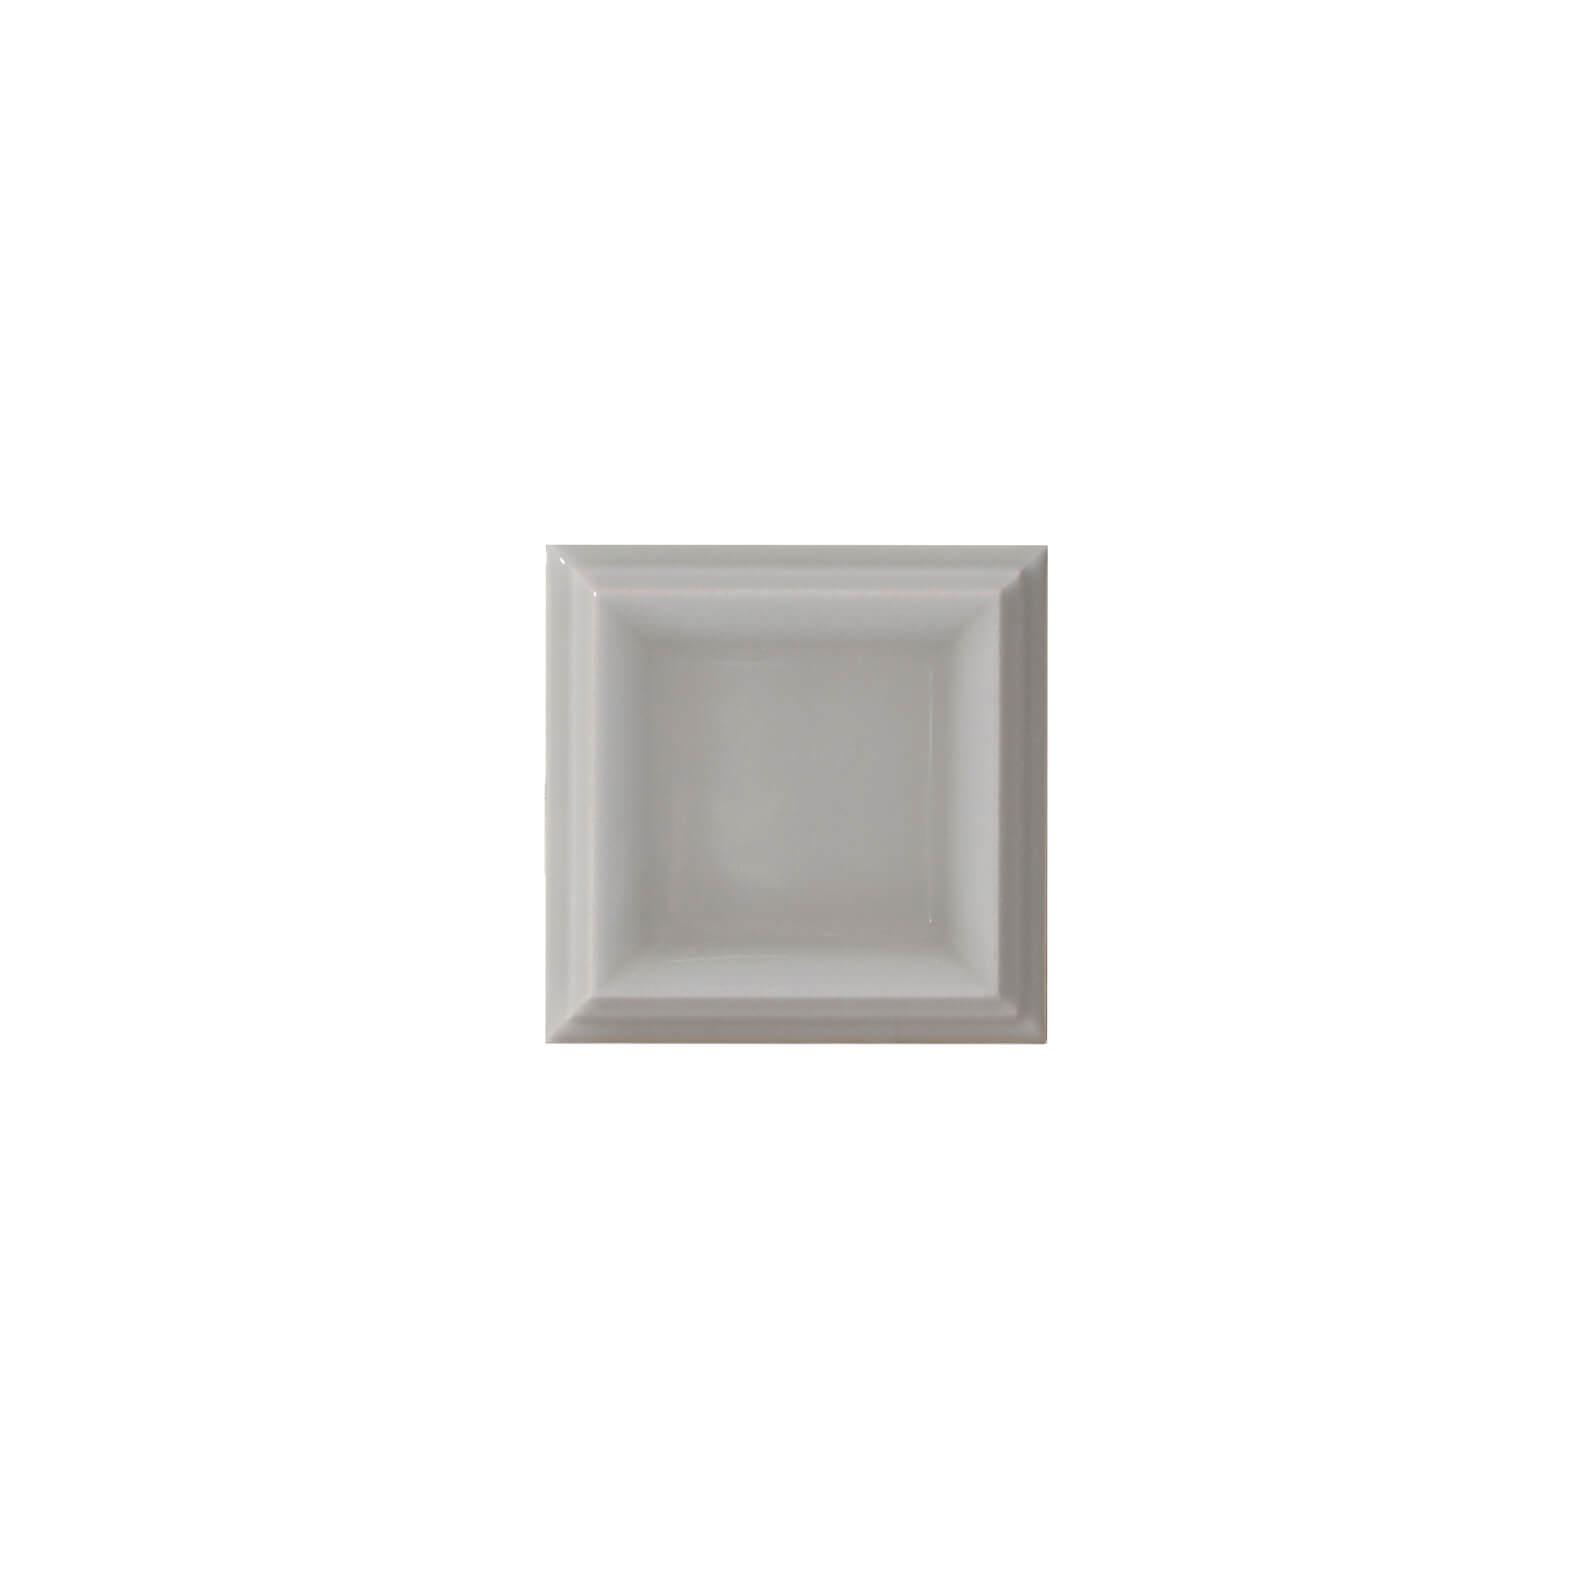 ADST1079 - LISO FRAMED - 7.3 cm X 7.3 cm